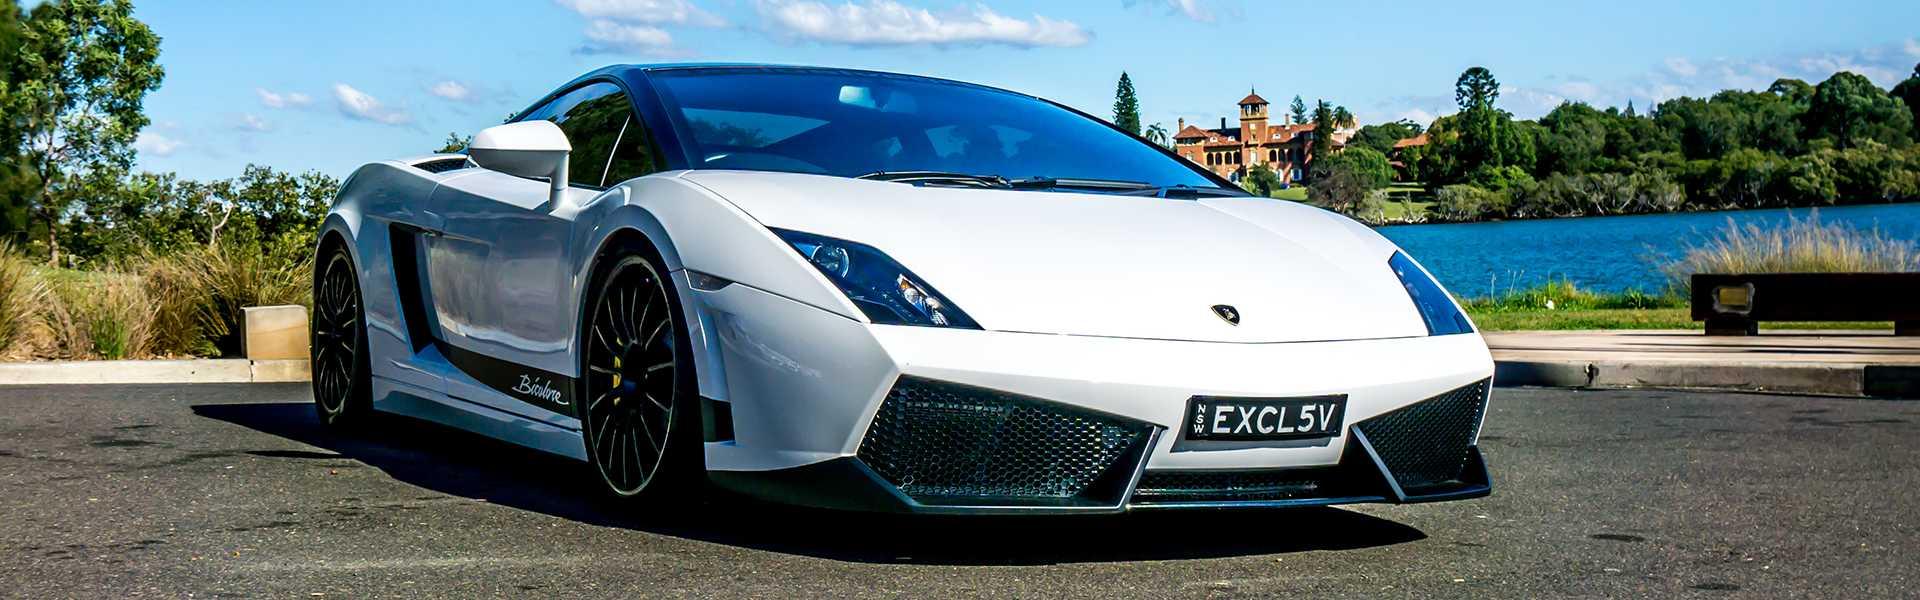 Lamborghini Gallardo LP560-4 Bicolore Speciale